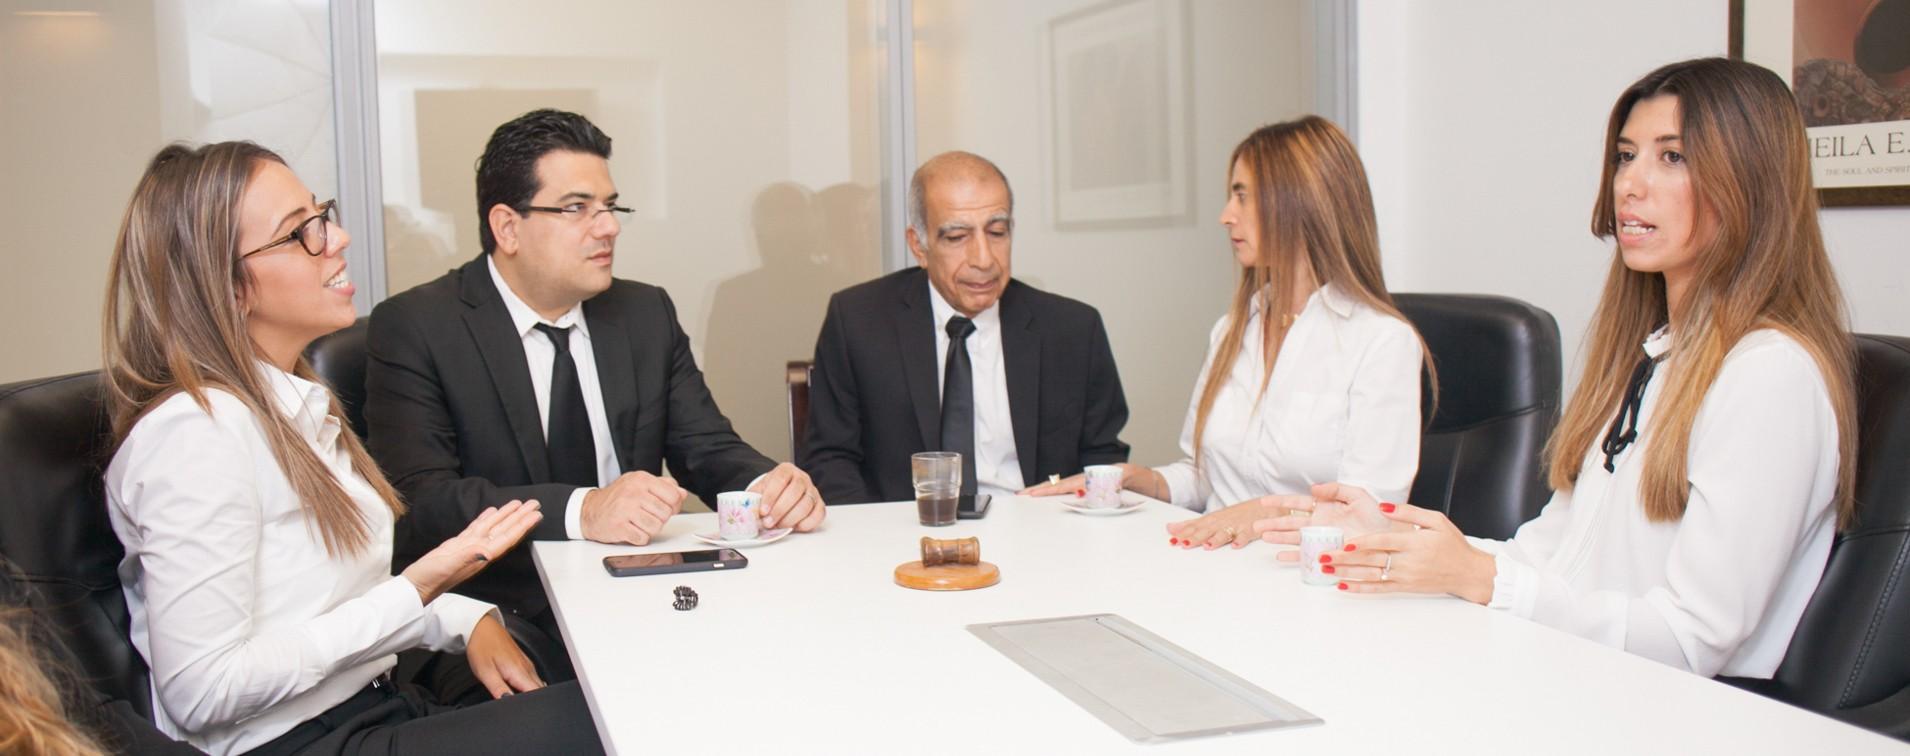 צוות משרד עורך דין גירושין אמיר זבולון יושבים מסביב לשולחן ושותים קפה